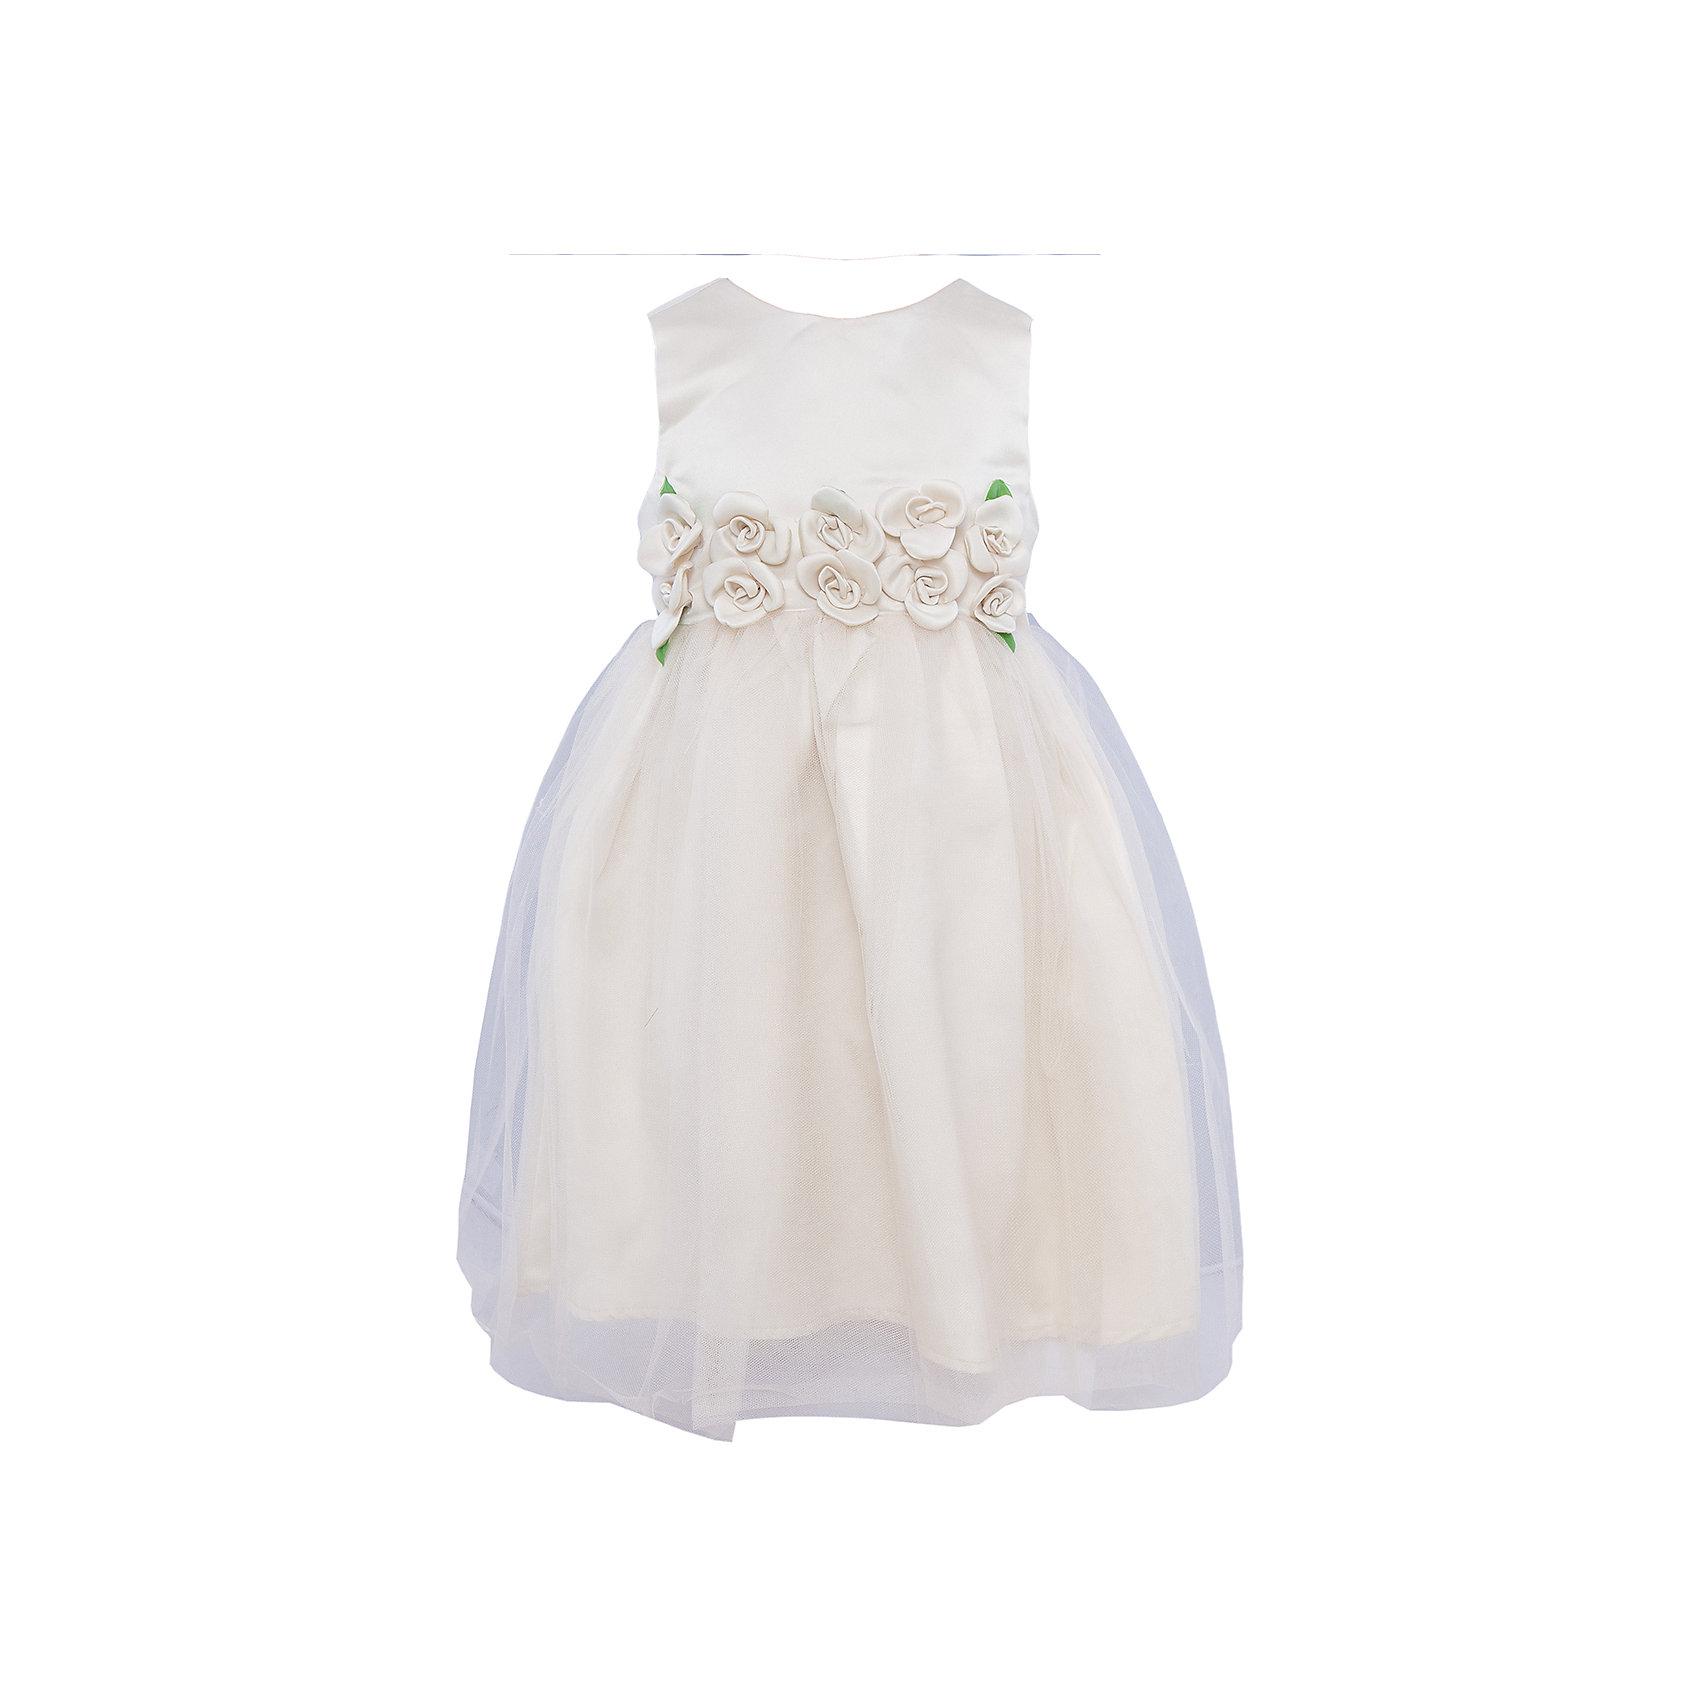 Платье Sweet BerryНарядное платье. Верх платье и нижняя юбка из атласа. Верхняя юбка собрана из сетки. Спереди на поясе декор из цветов, лепестки разбросаны по верхней юбки платья. Пояс завязывается на спинке в объемный бант.Платье застегивается на молнию на спинке.<br>Состав:<br>Верх: 100% полиэстер, Подкладка: 100% хлопок<br><br>Ширина мм: 236<br>Глубина мм: 16<br>Высота мм: 184<br>Вес г: 177<br>Цвет: бежевый<br>Возраст от месяцев: 24<br>Возраст до месяцев: 36<br>Пол: Женский<br>Возраст: Детский<br>Размер: 98,122,128,116,110,104<br>SKU: 4299487